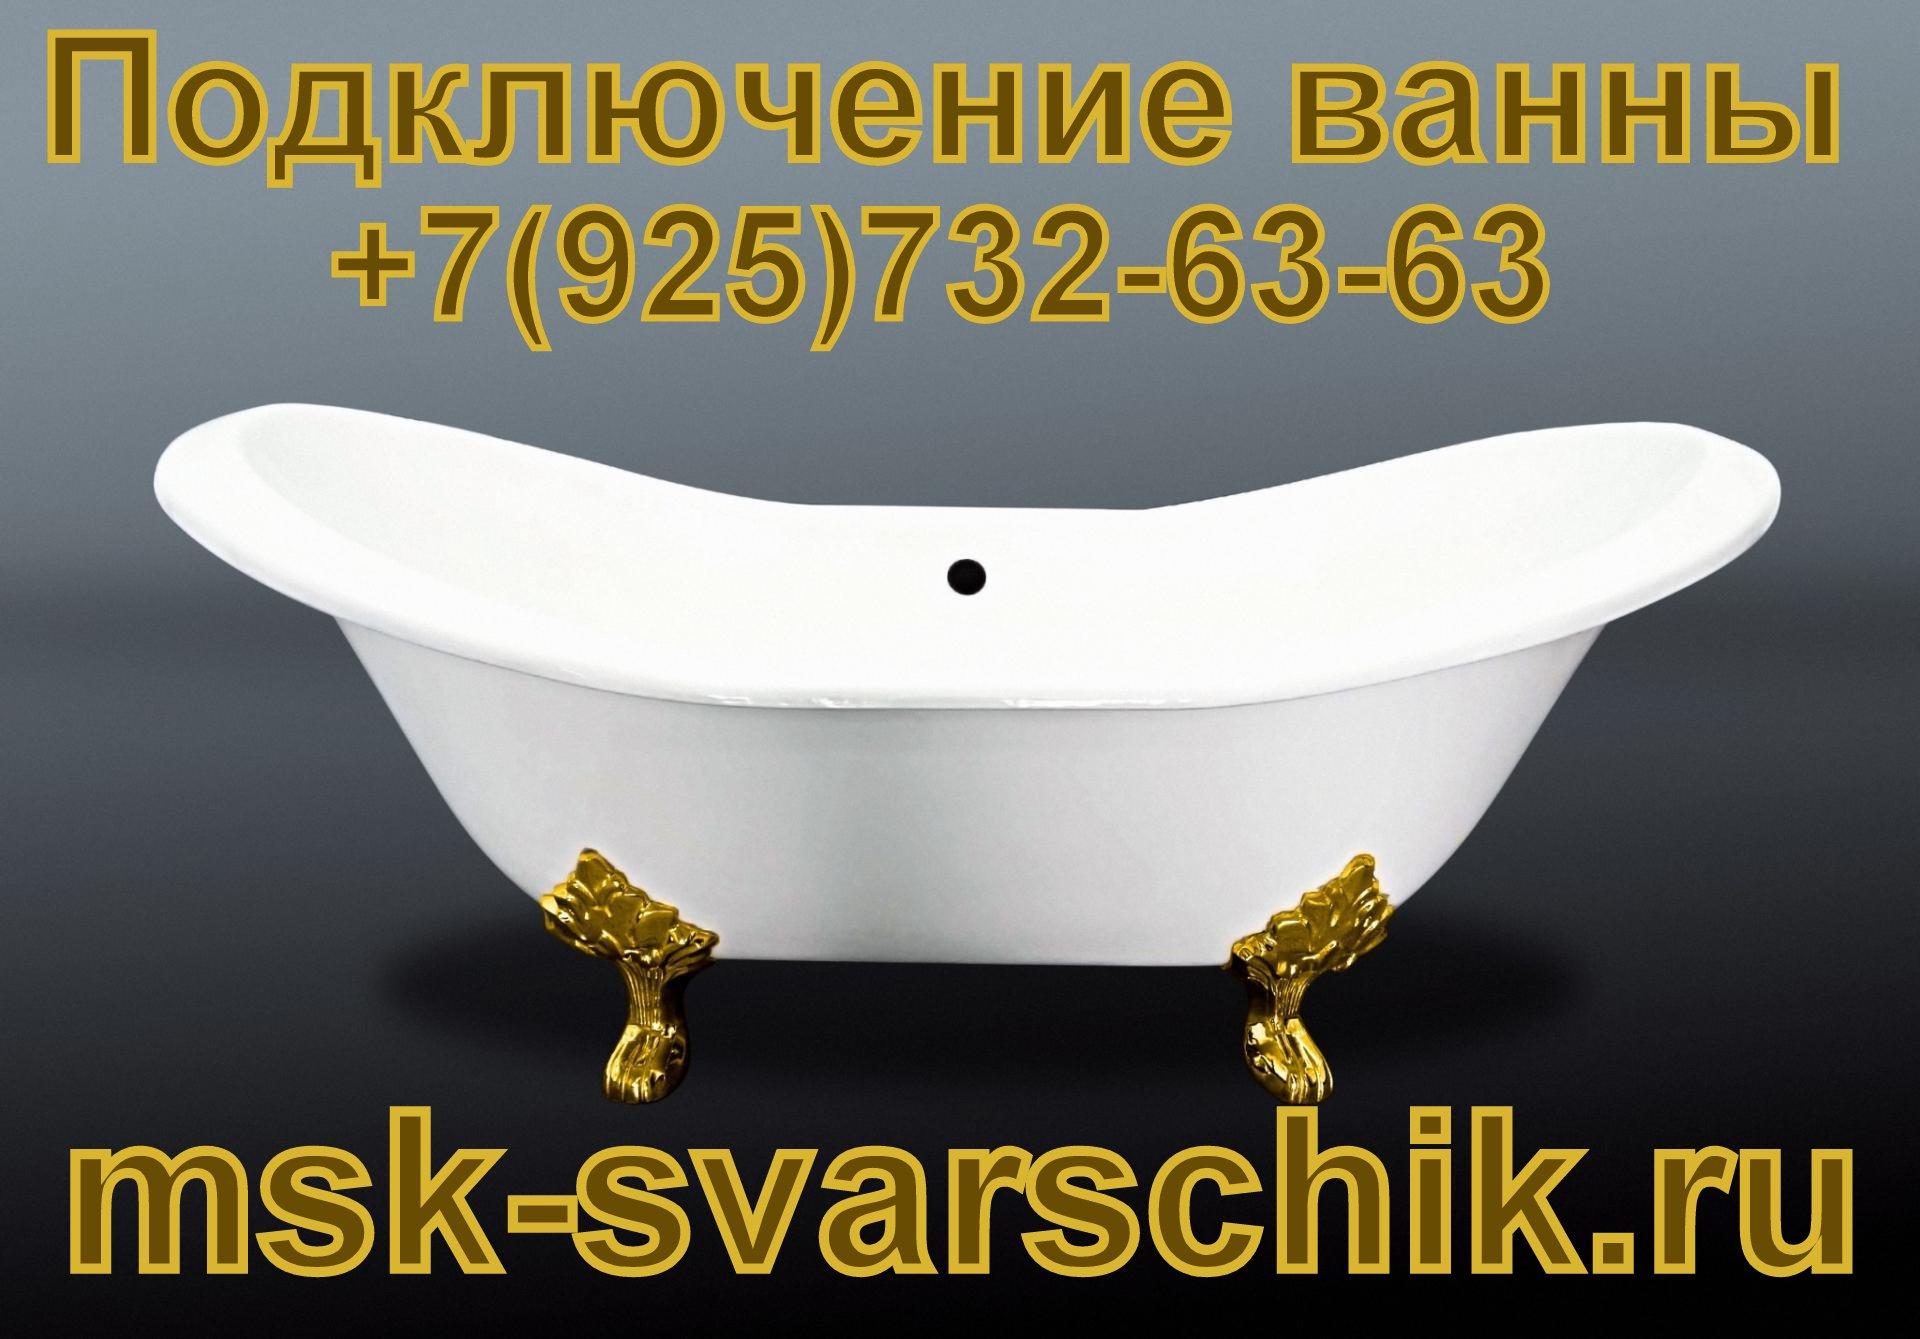 Подключение ванны